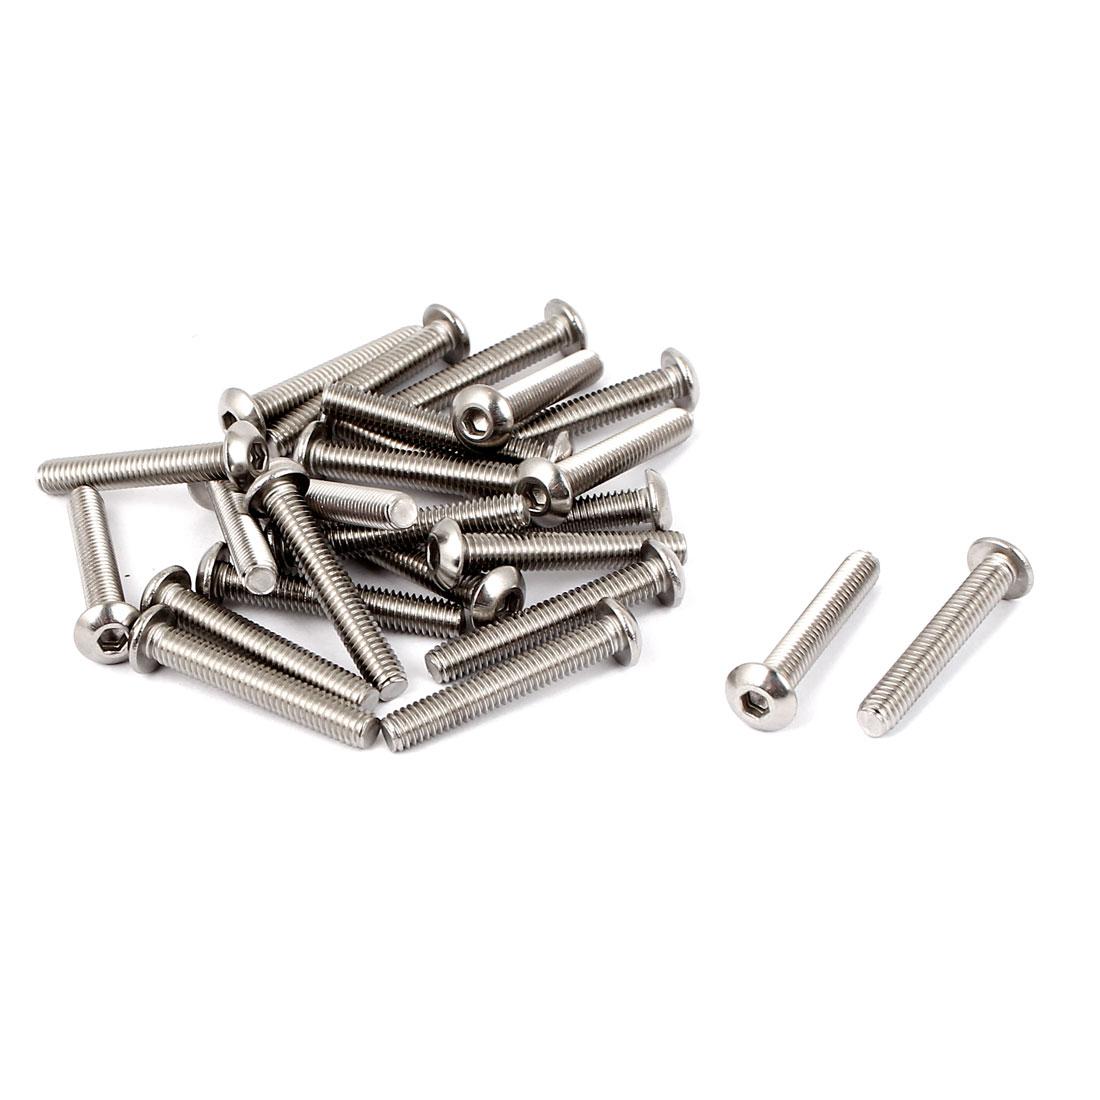 M4 x 25mm Full Thread Button Head Socket Cap Screw Silver Tone 25 Pcs